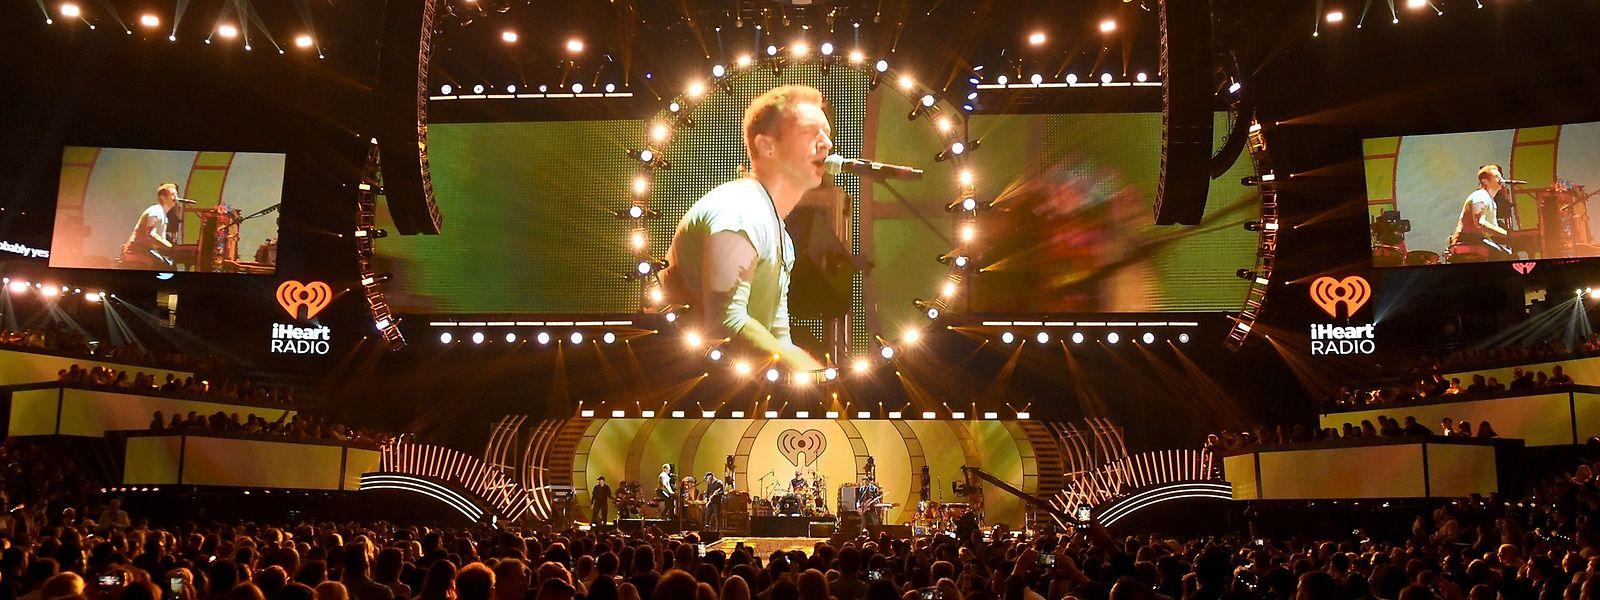 Pour «Everyday Life», son huitième album, le groupe Coldplay souhaite que la nouvelle tournée mondiale affiche un bilan carbone neutre.